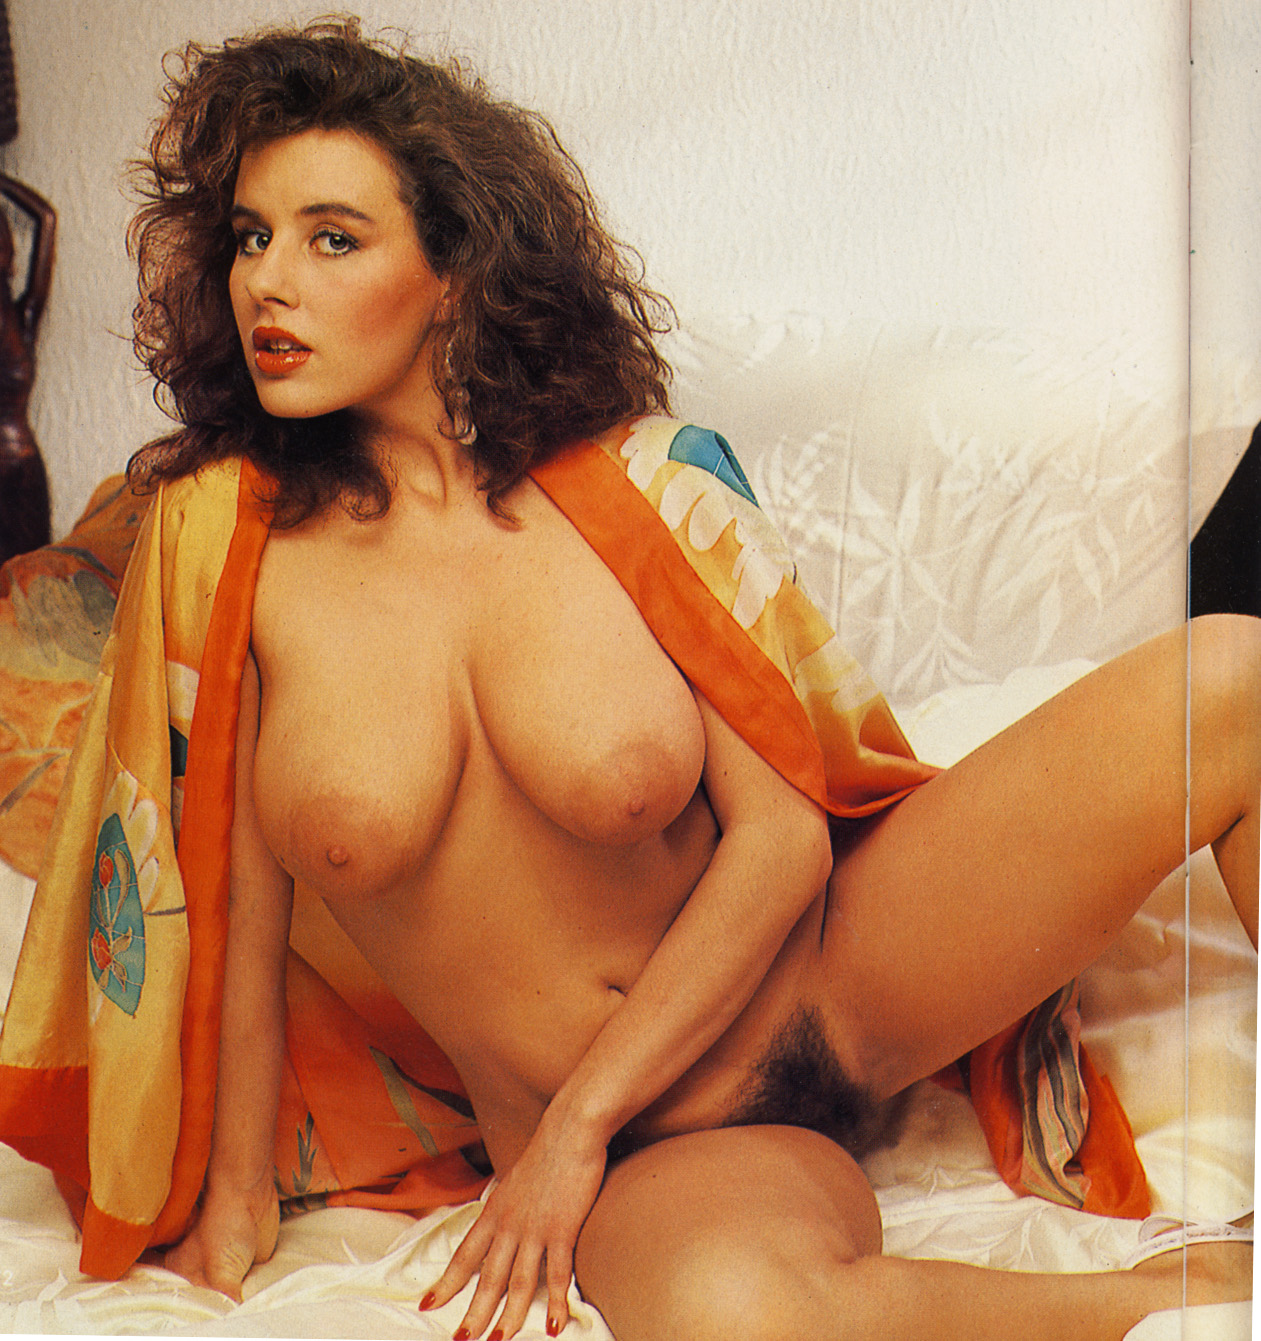 порно итальянских актрис разделся откинул одеяло